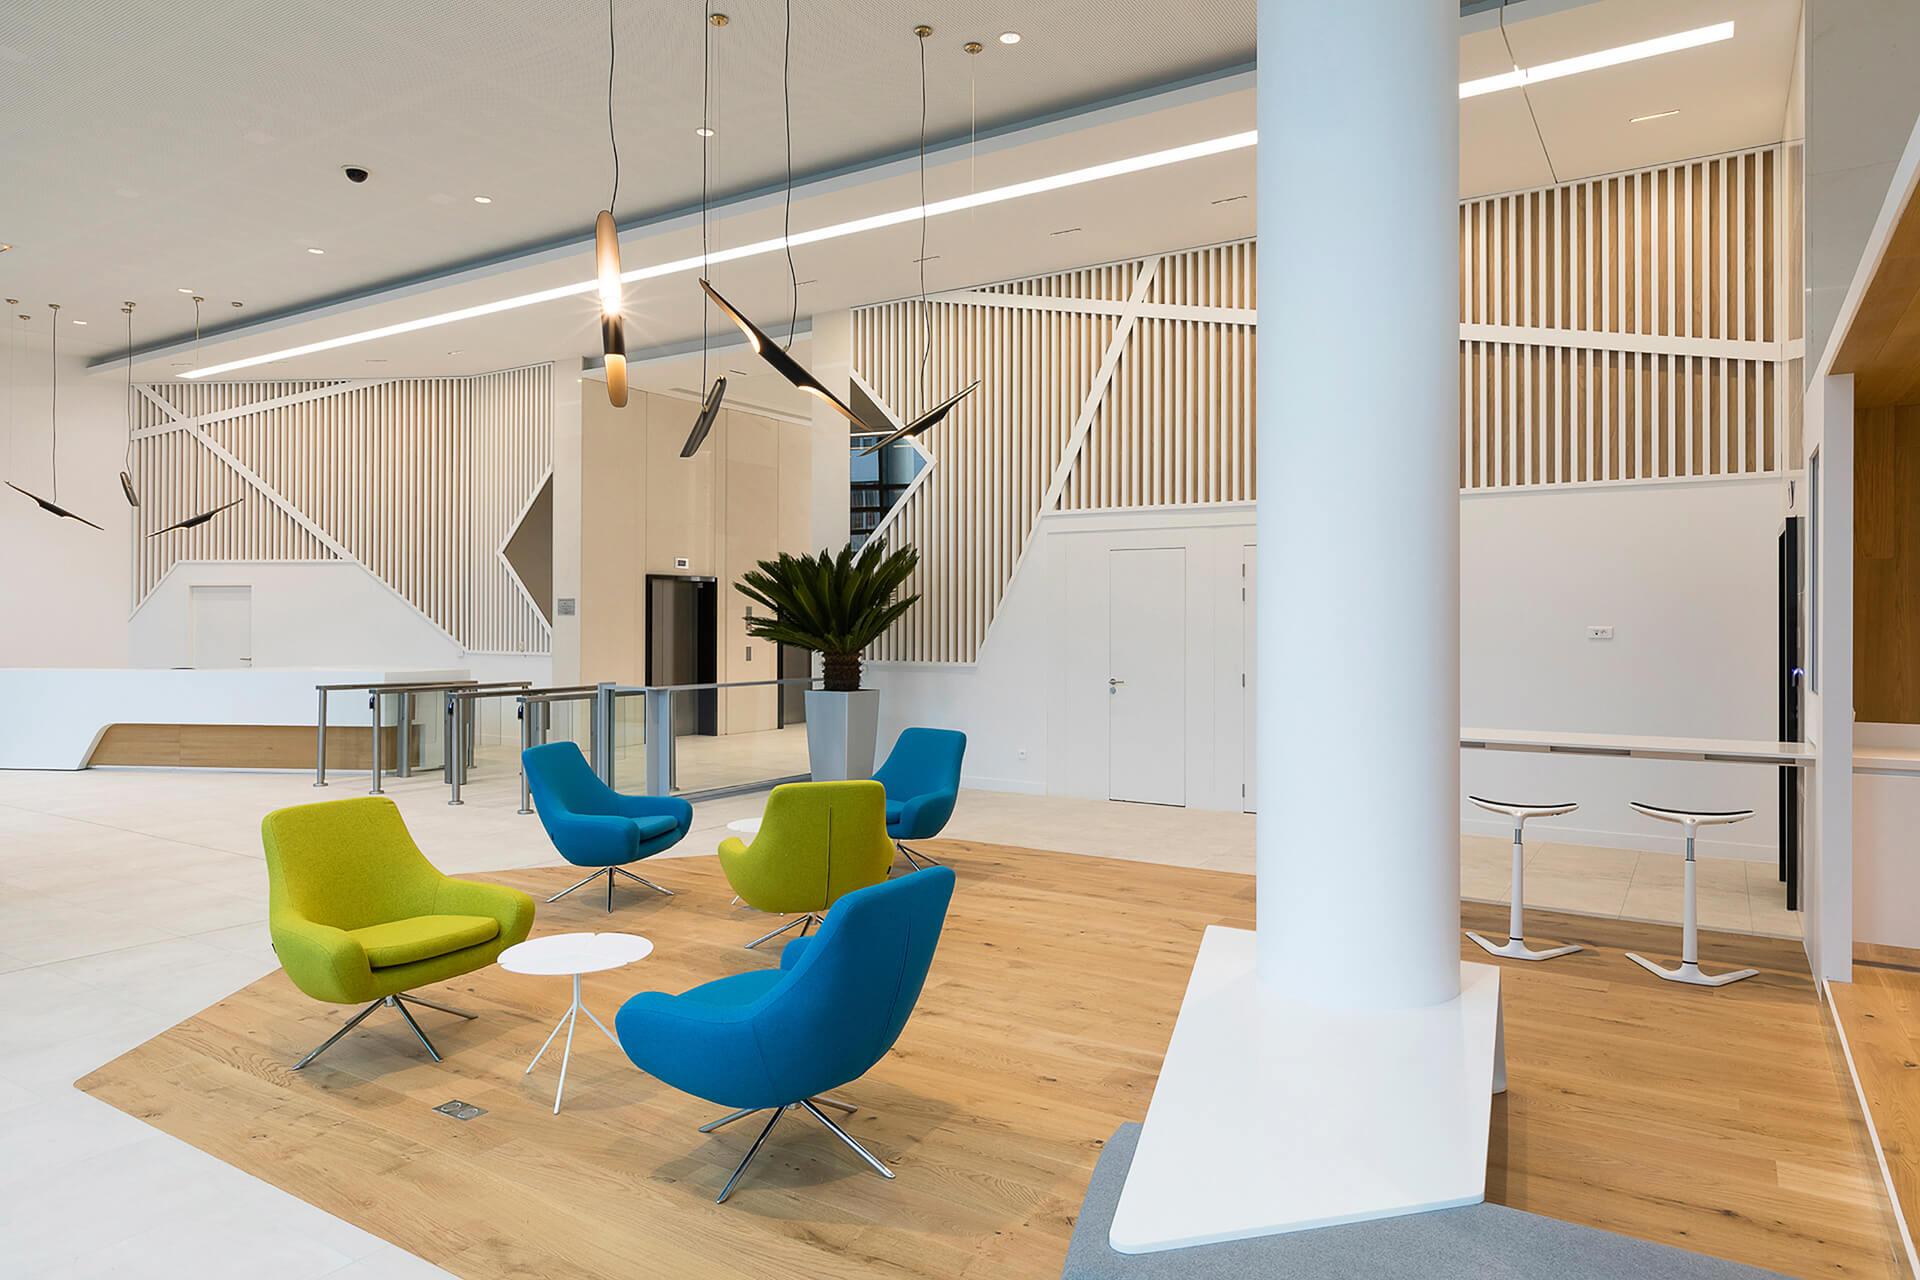 espaço lounge com decoração em madeira e soalho.